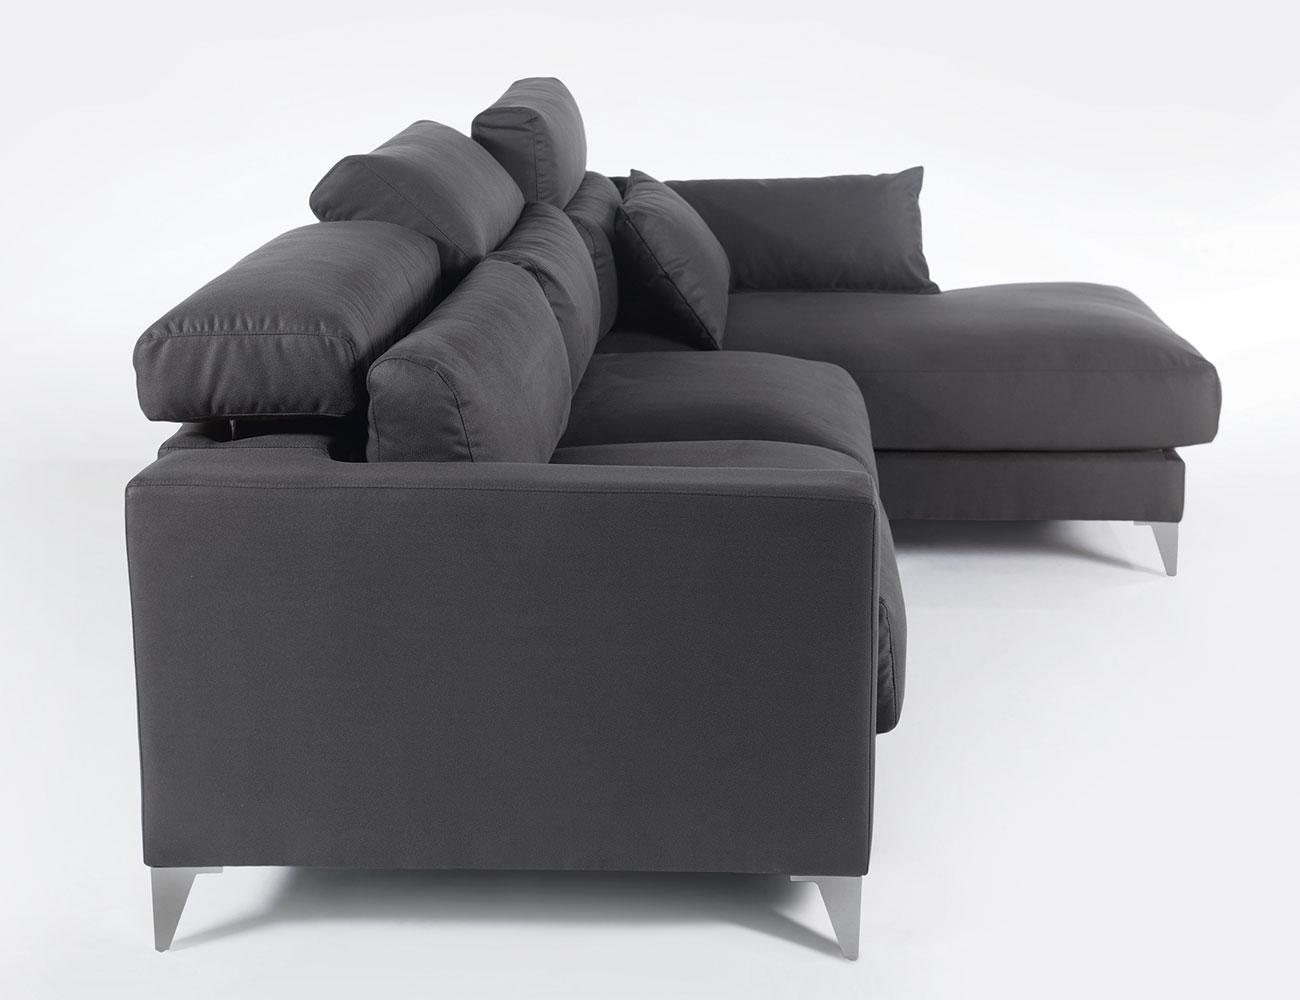 Sofa chaiselongue gran lujo decorativo grafito 15